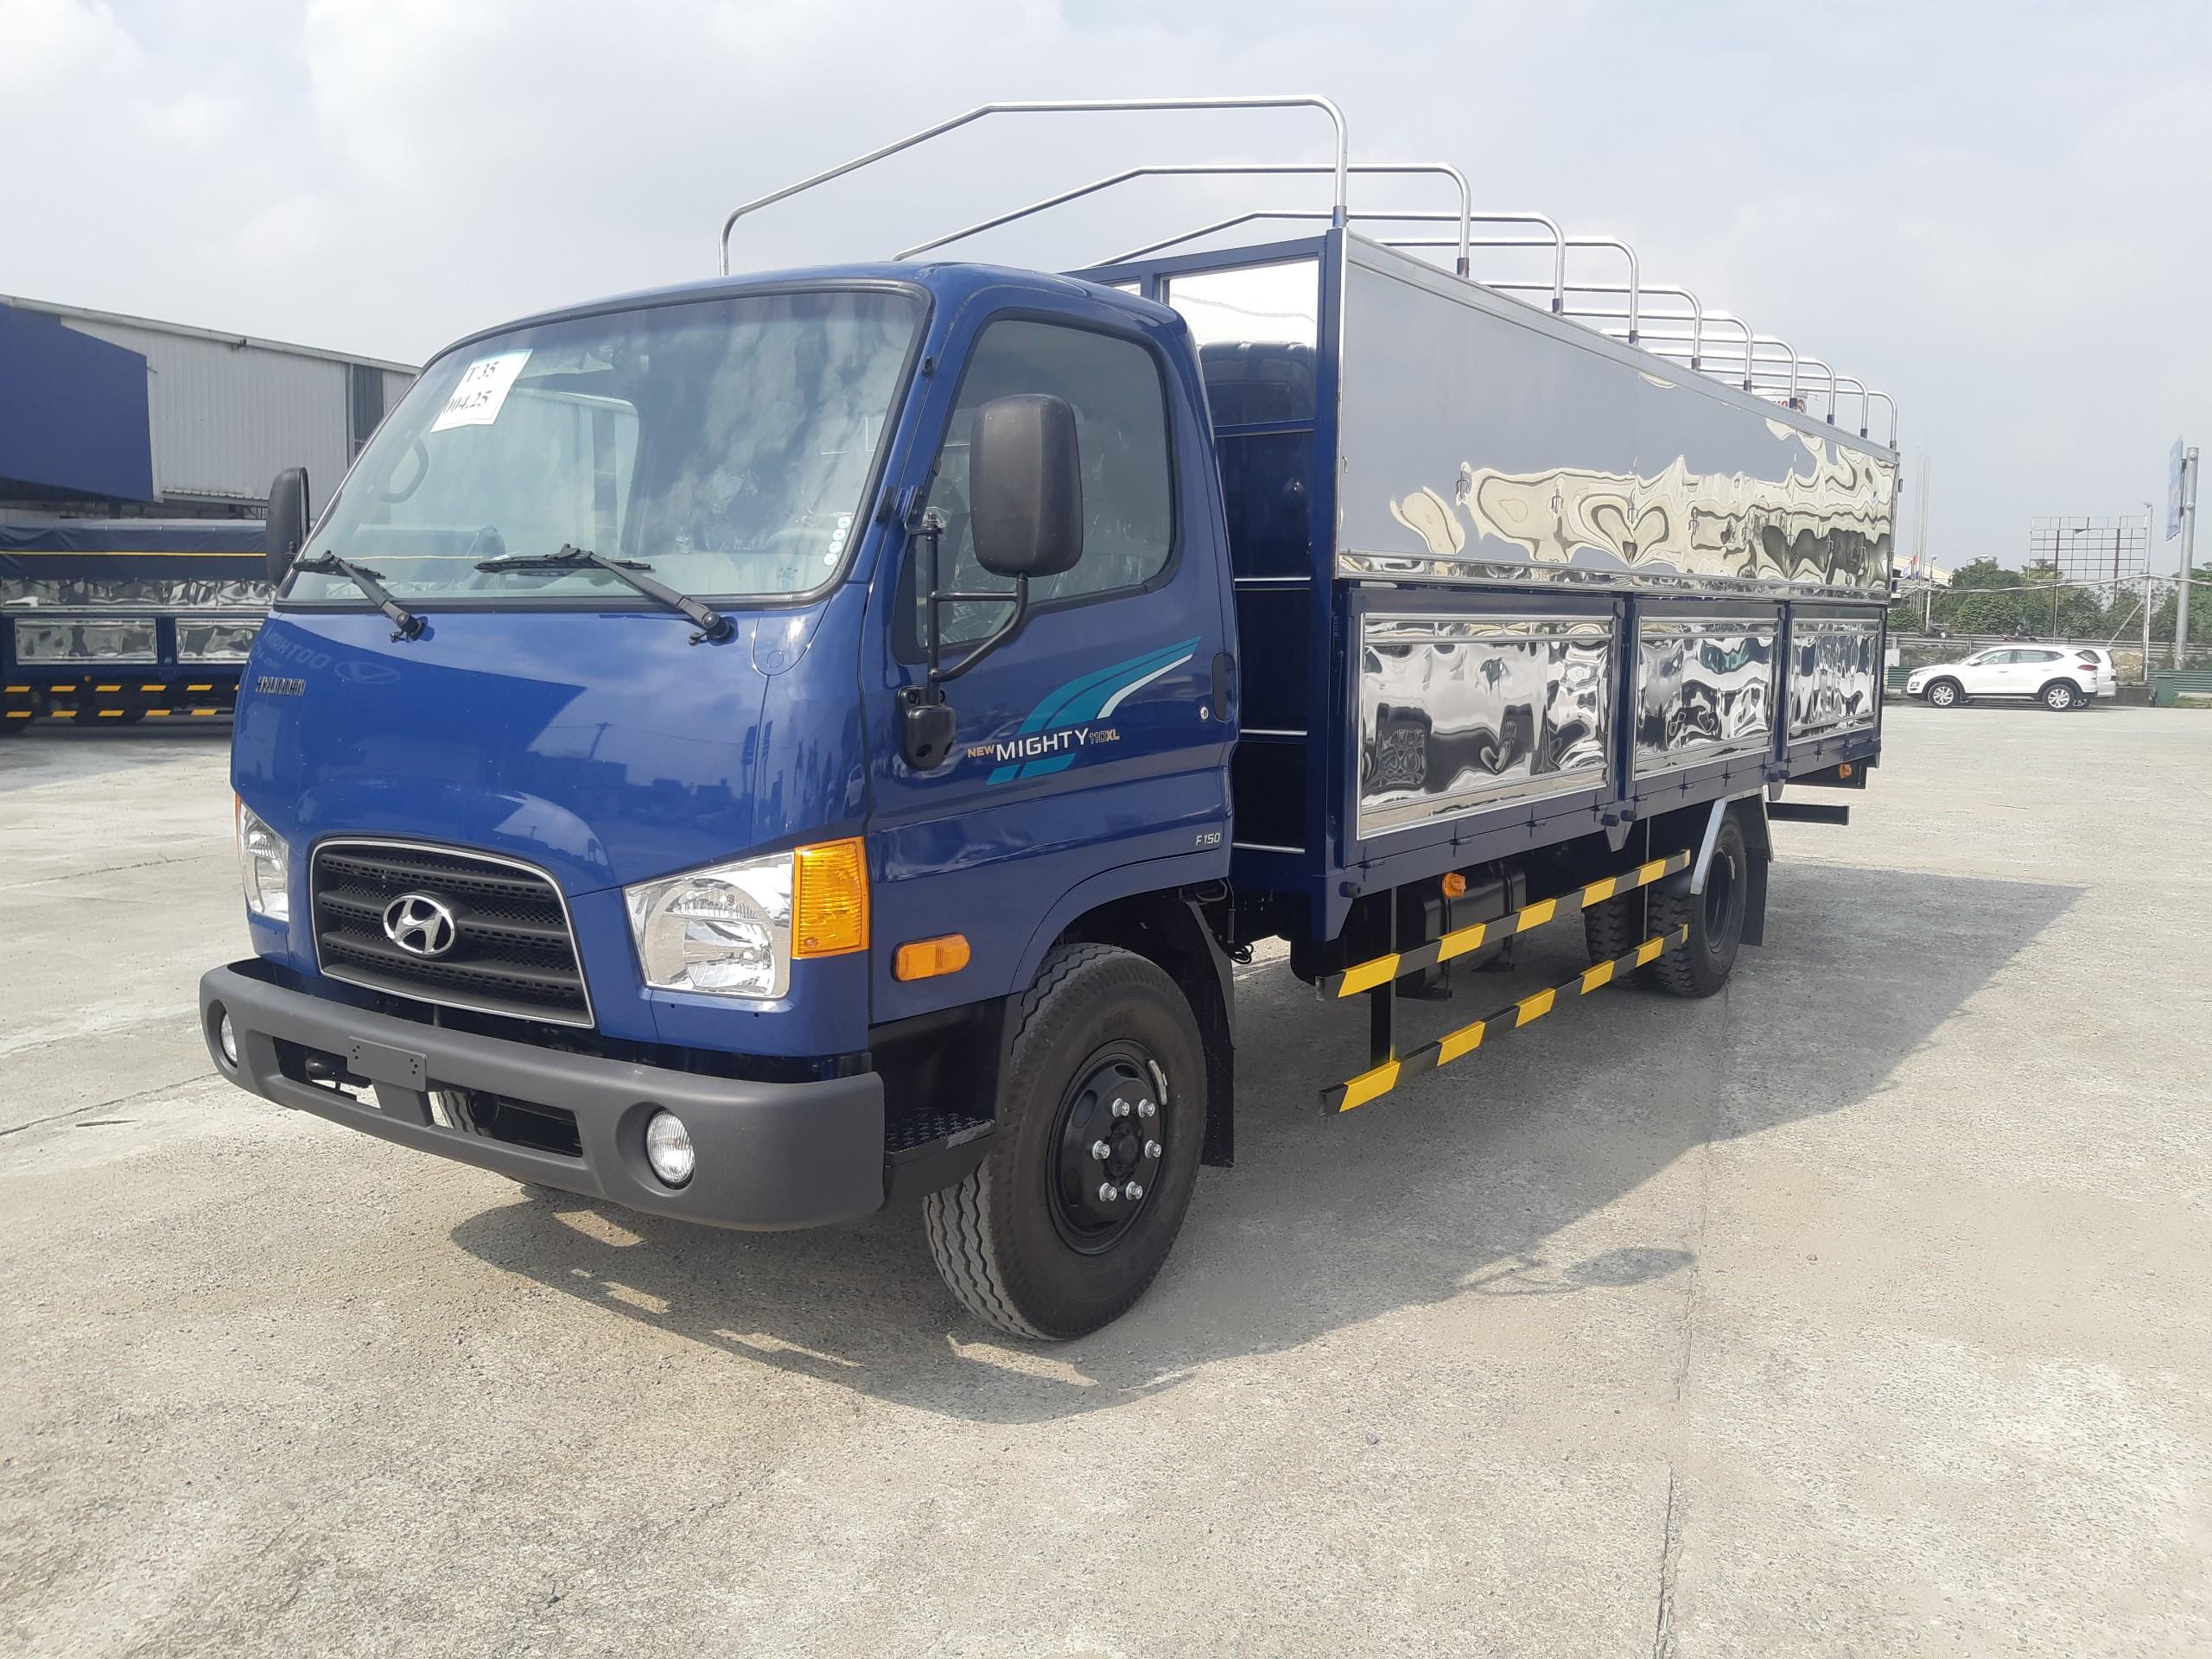 Xe tải 7 tấn Hyundai Mighty 110XL * thùng bạt dài 6m3 * 2021